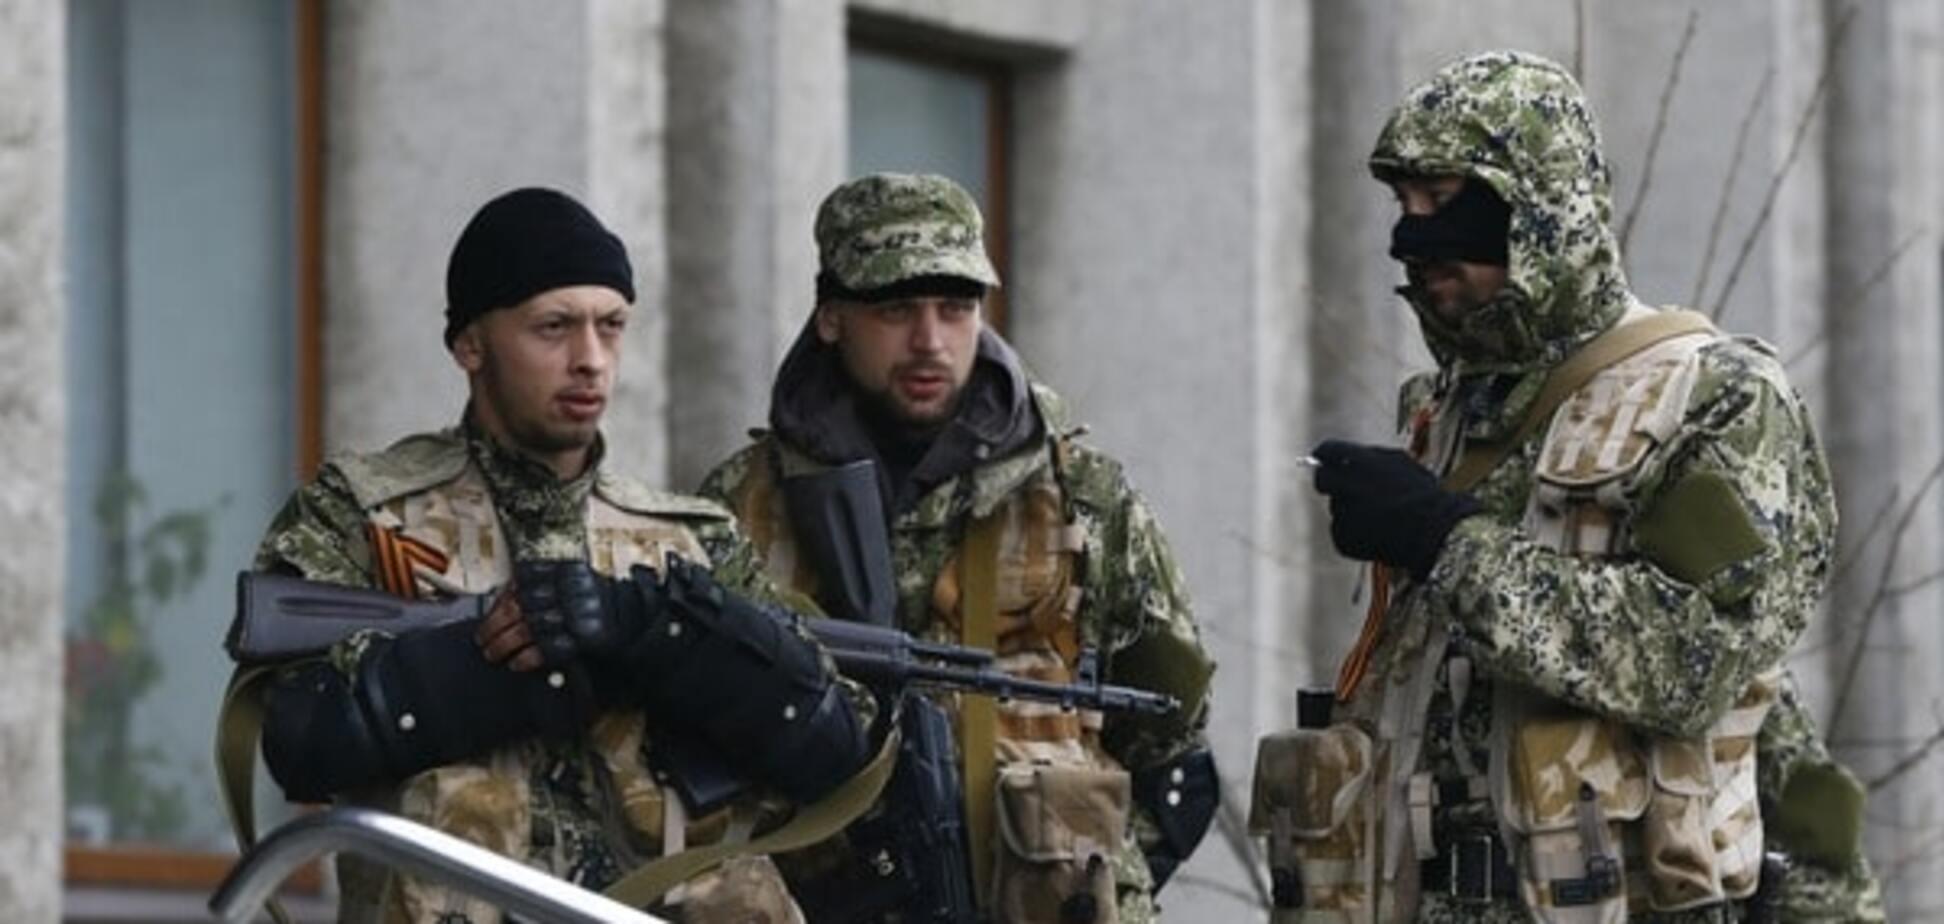 Стаття 'тероризм': охоронці в 'ДНР' та жінки-зв'язківці